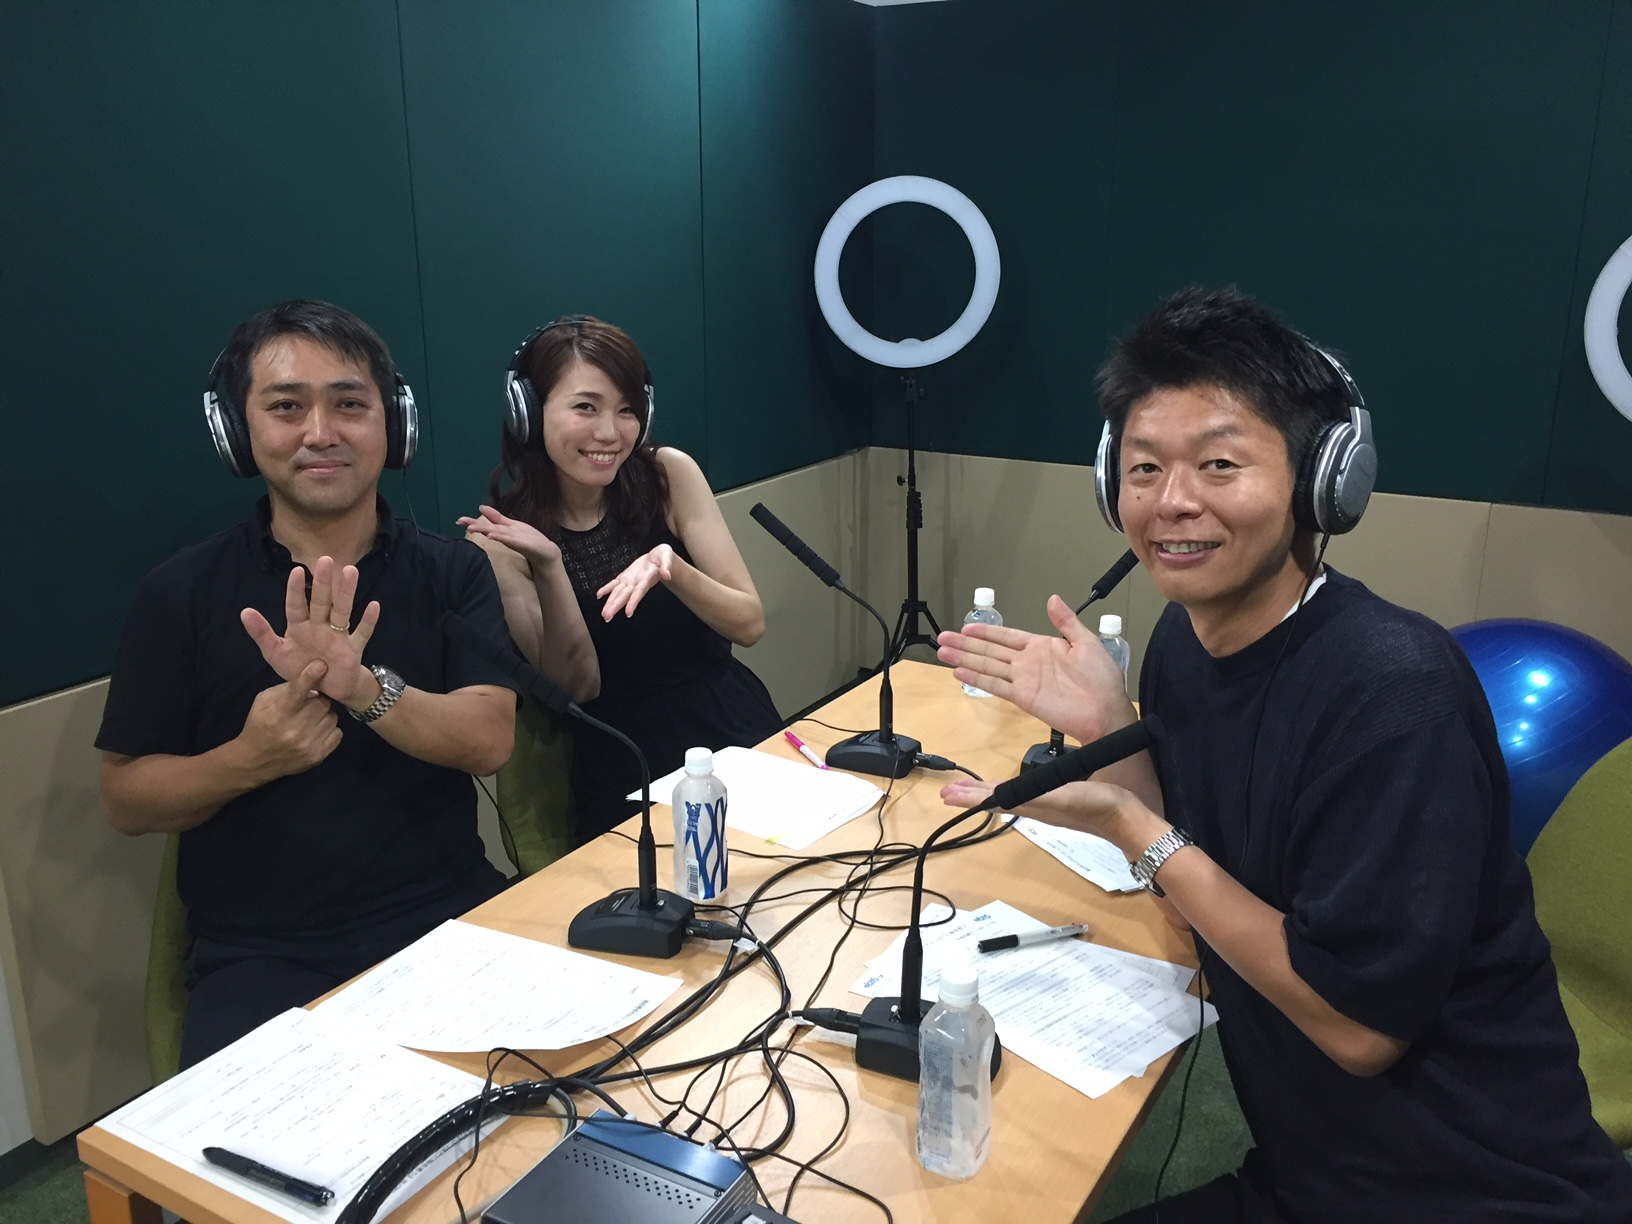 【ワークタス/スターティアウィル】ラジオ NACK5にてworktusとスターティアウィルの代表、橋本浩和が出演しました。